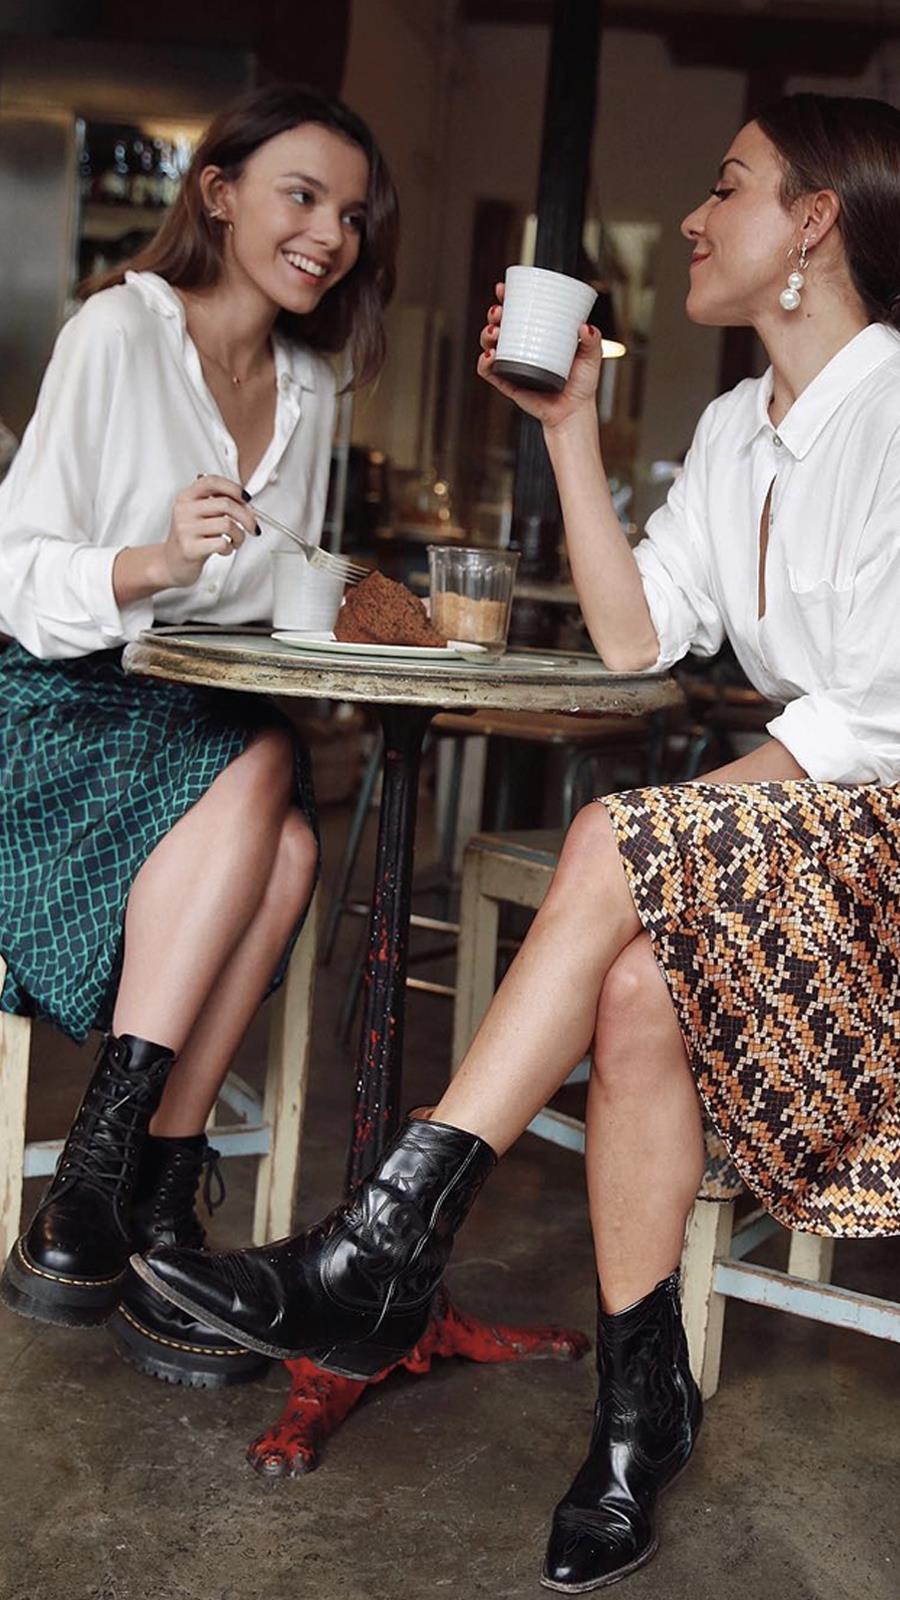 950ba323 ¿Sabes qué botas de mujer estarán de moda en 2019 y cómo las llevaremos? Te  mostramos 10 'lookazos' que van a marcar tendencia